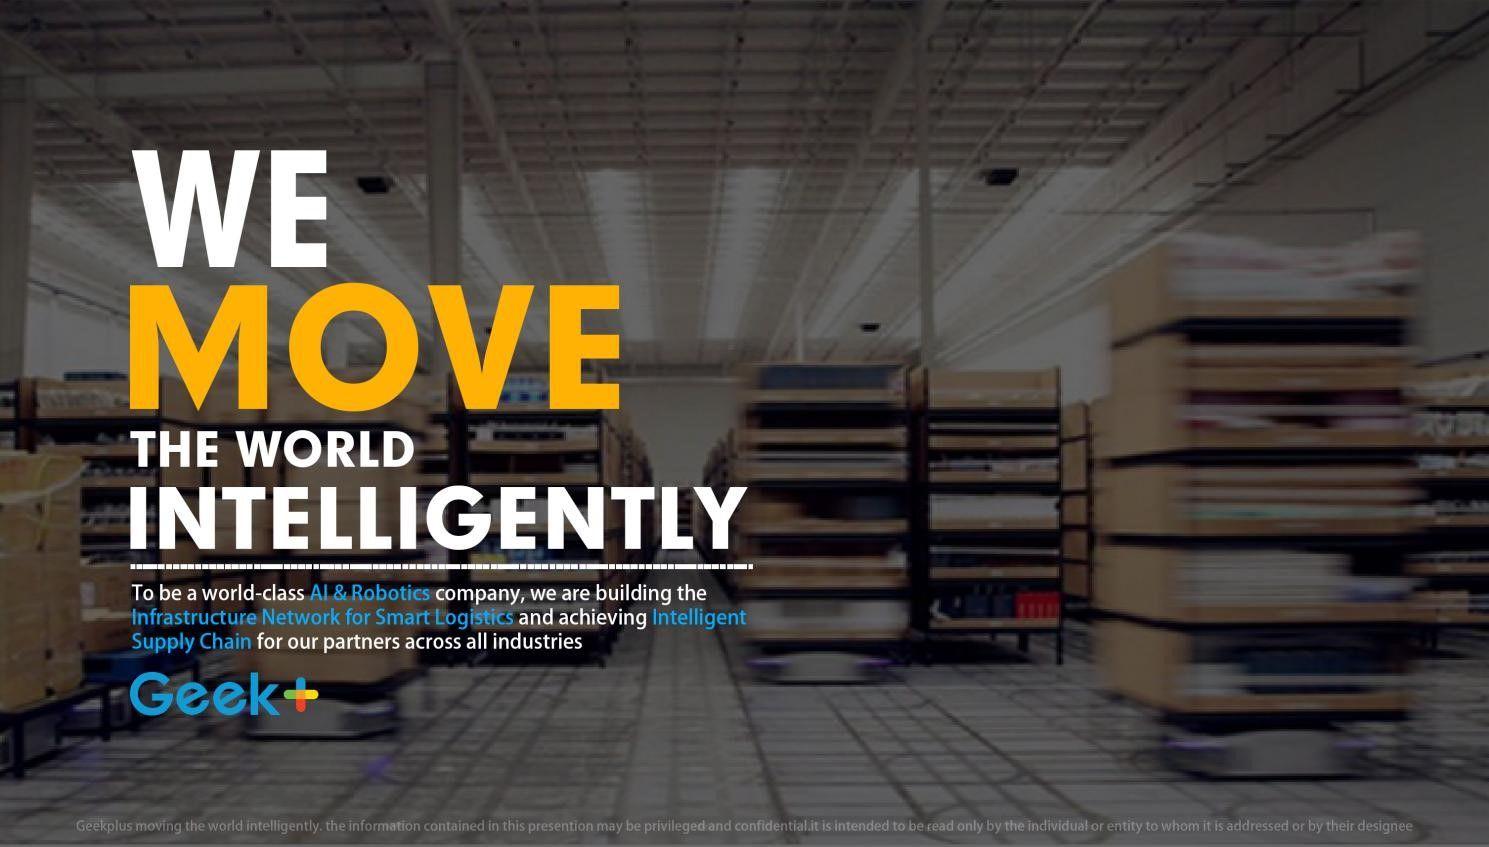 极智嘉Geek+宣布完成C1轮主力融资,领跑智能物流机器人全球化发展